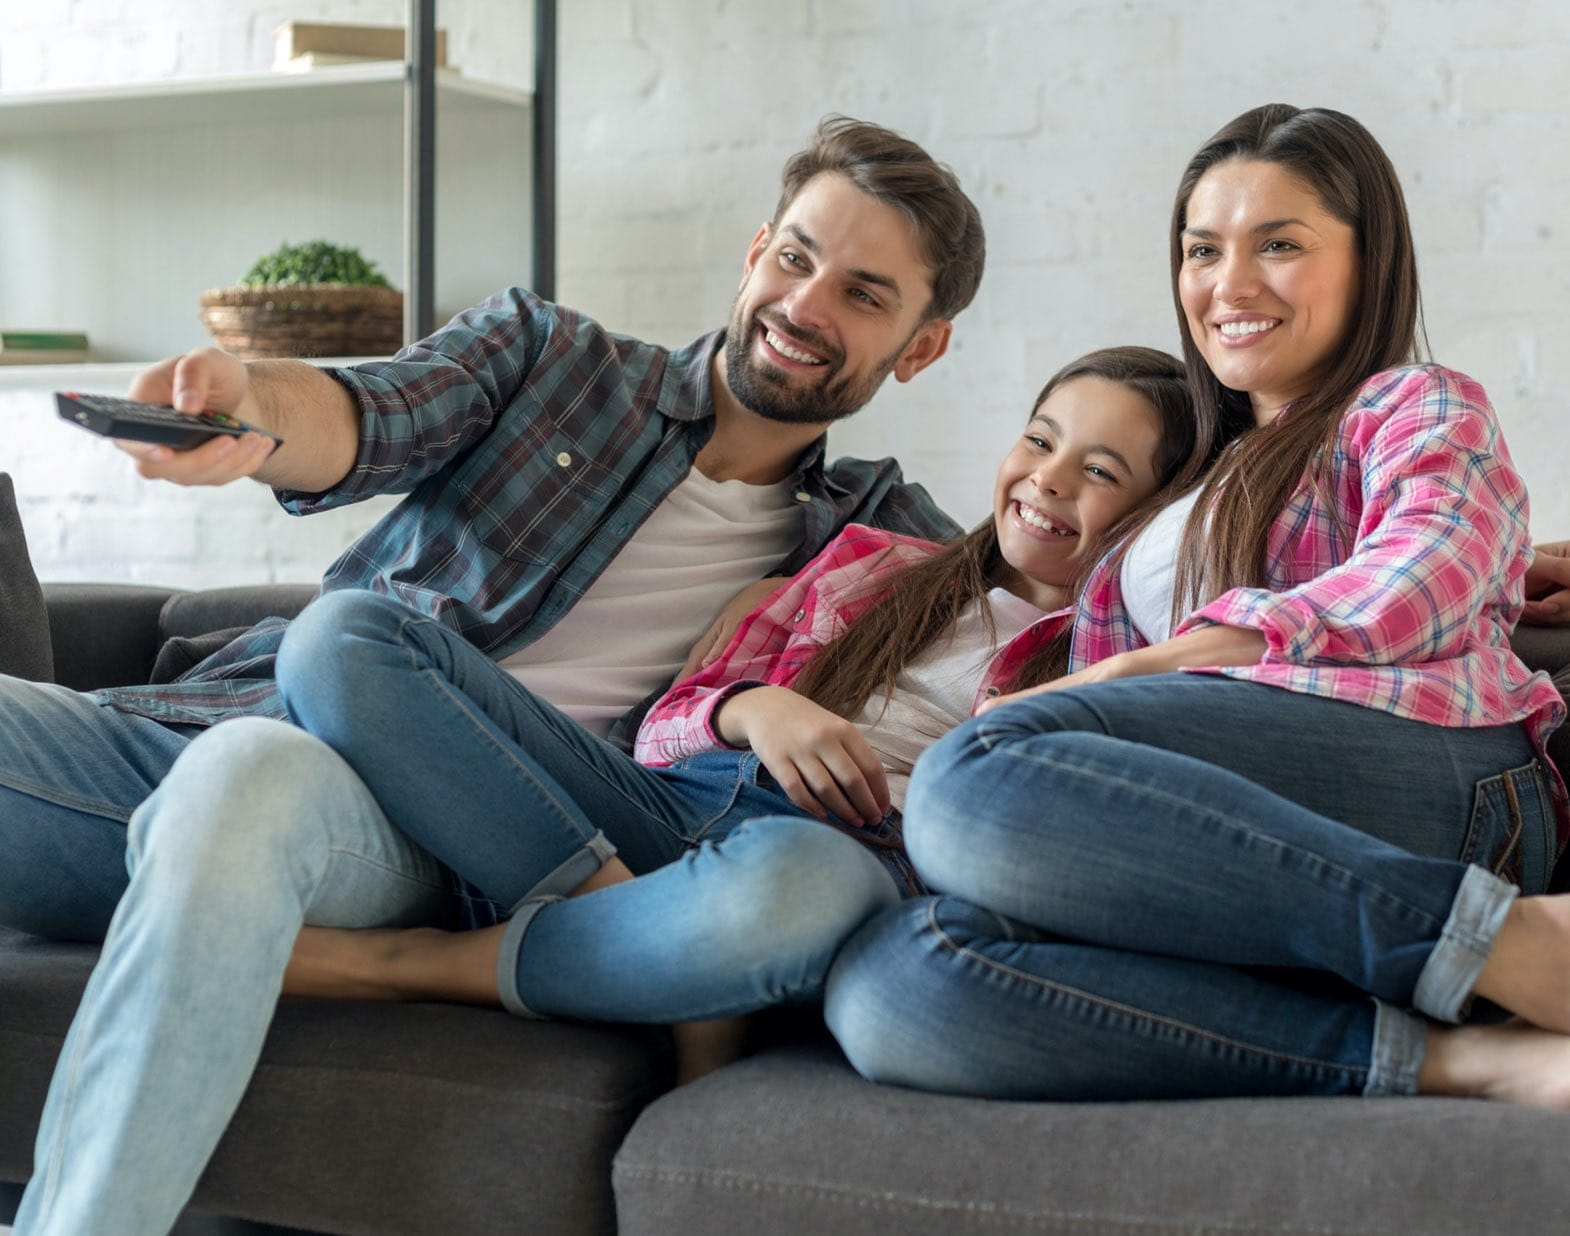 Family watching DIRECTV STREAM